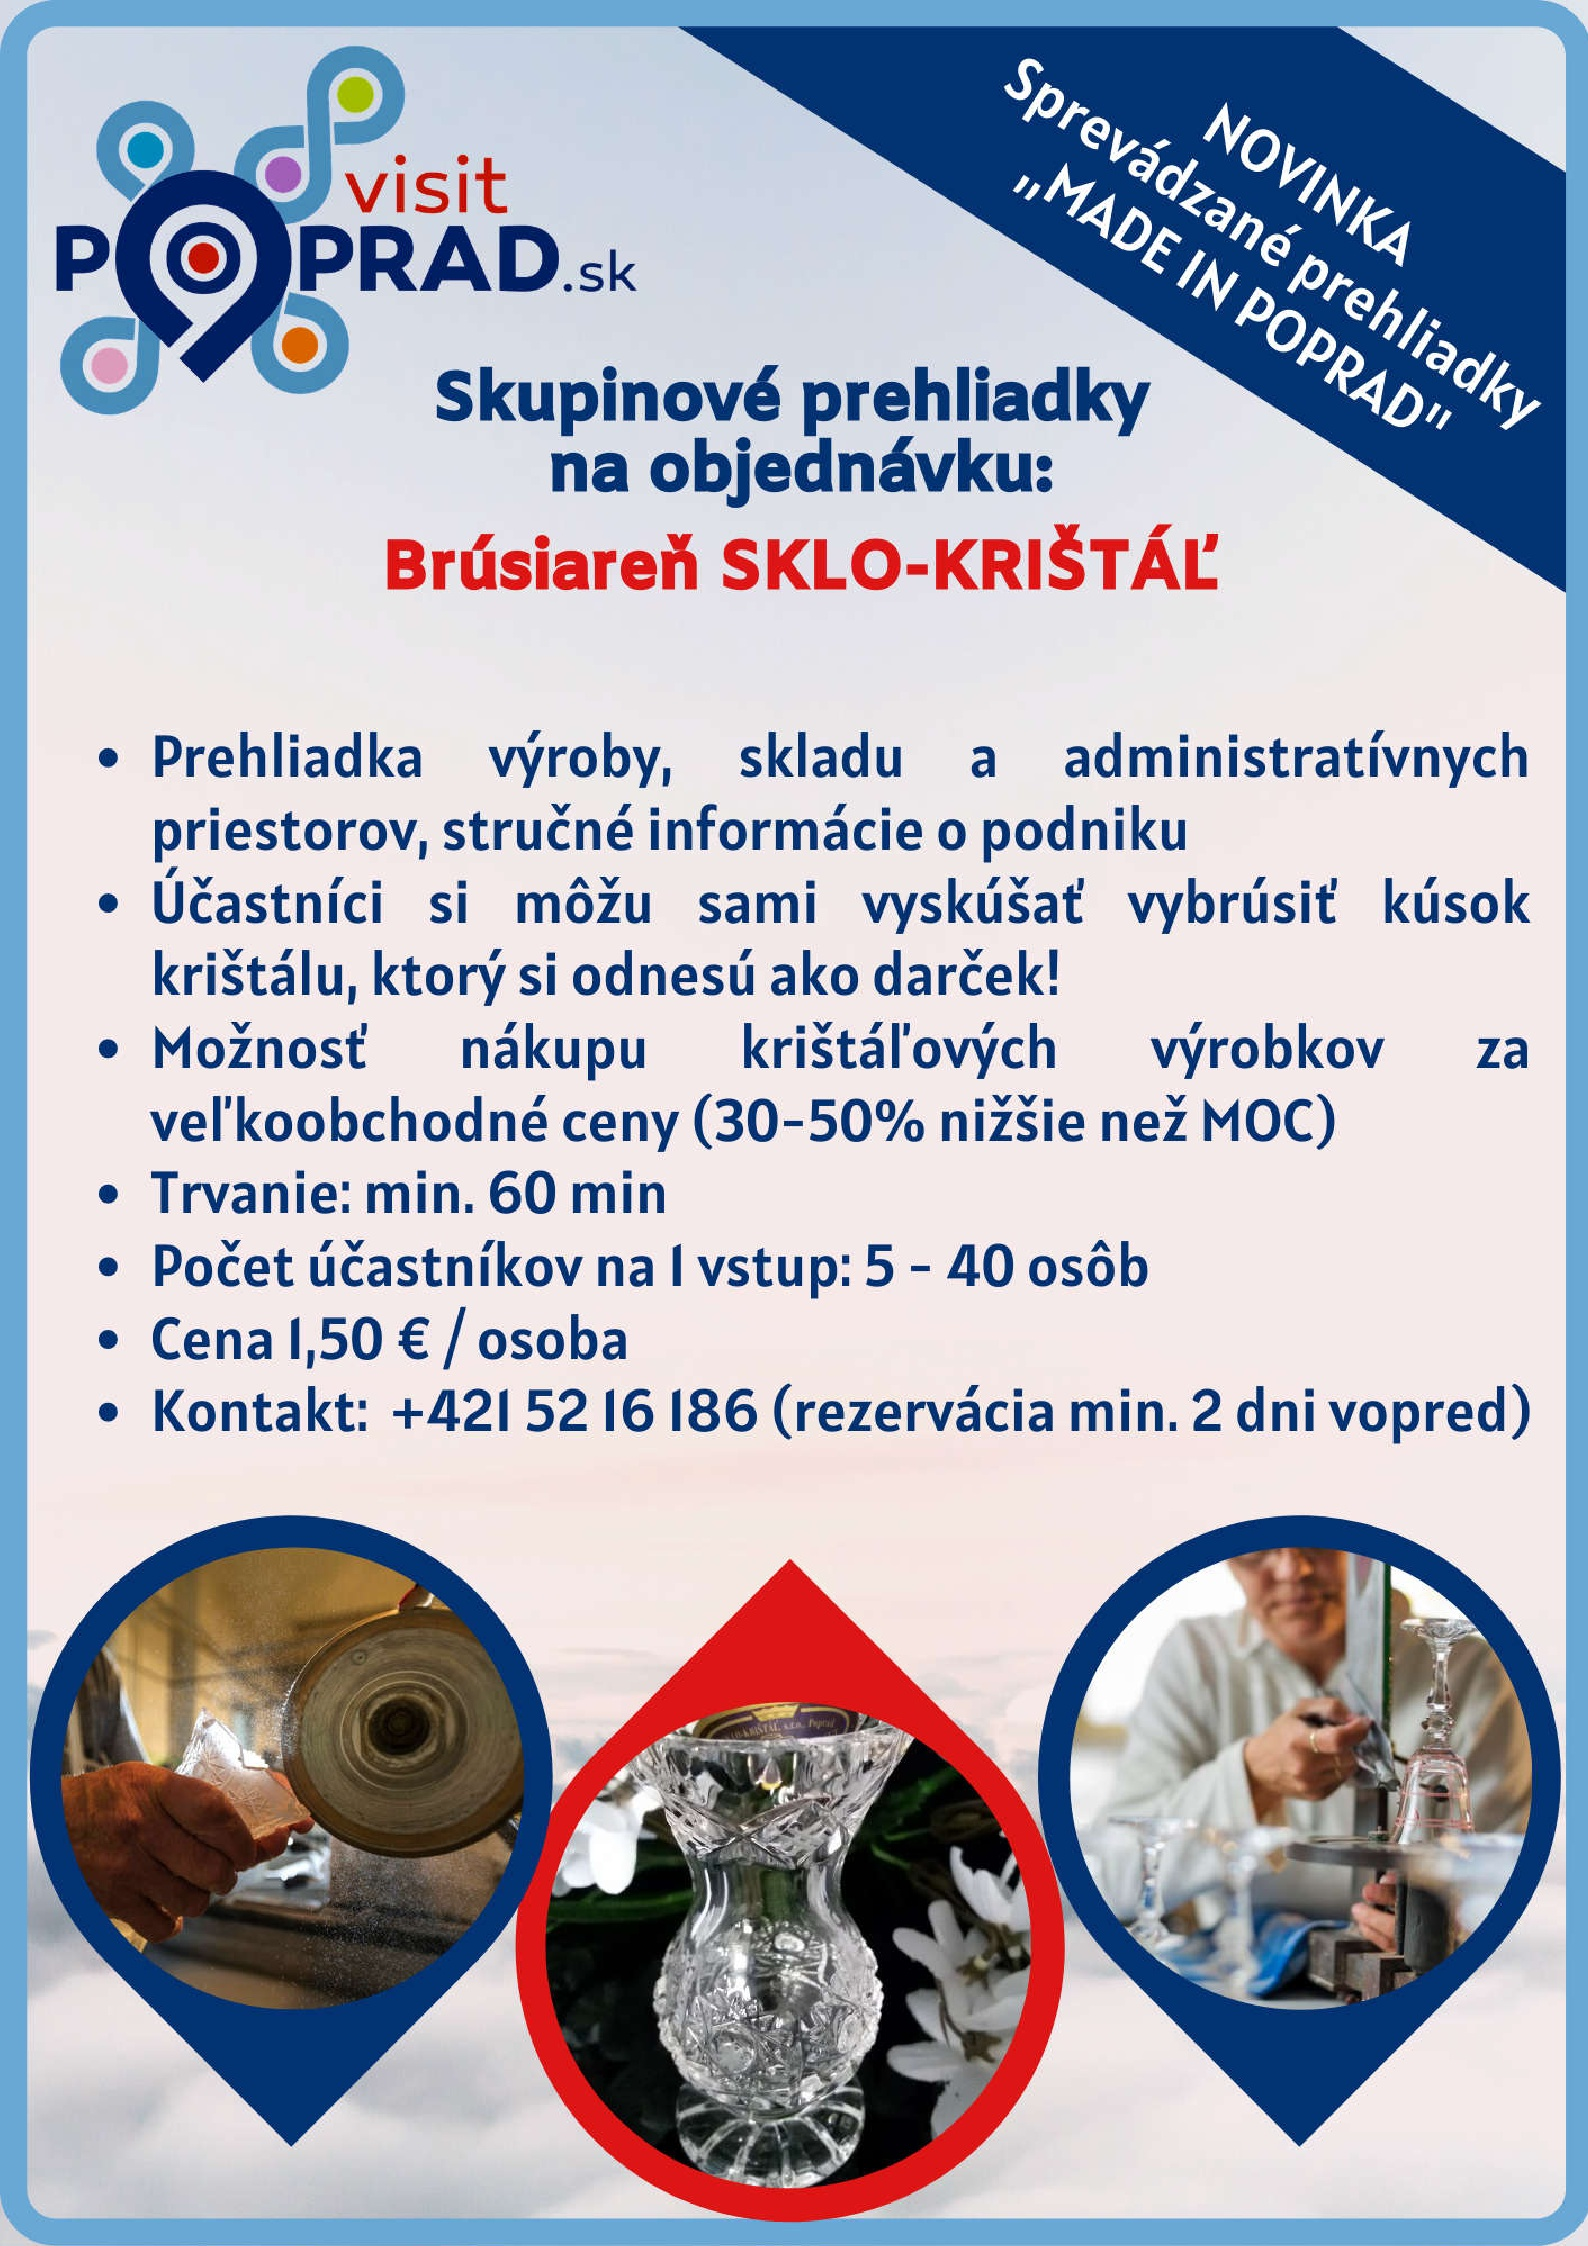 Brusiareň Sklo-krištáľ (Trvanie: 1 hodina), Cena: 1,50 €